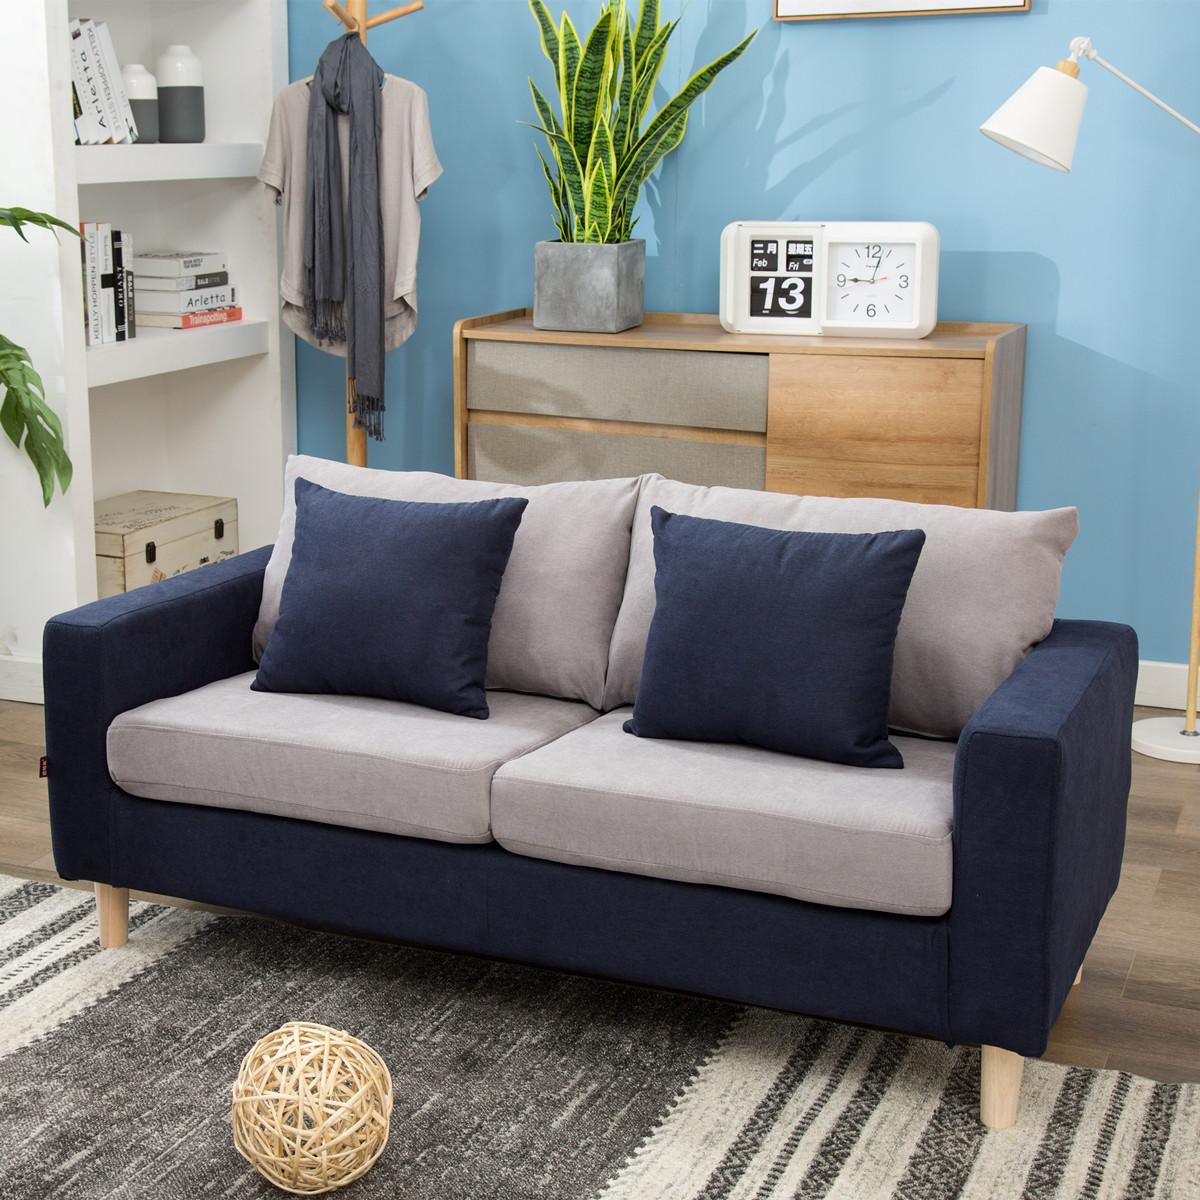 (用299元券)北欧风格简约现代布艺拆洗日式小户型公寓咖啡店整装三人双人沙发